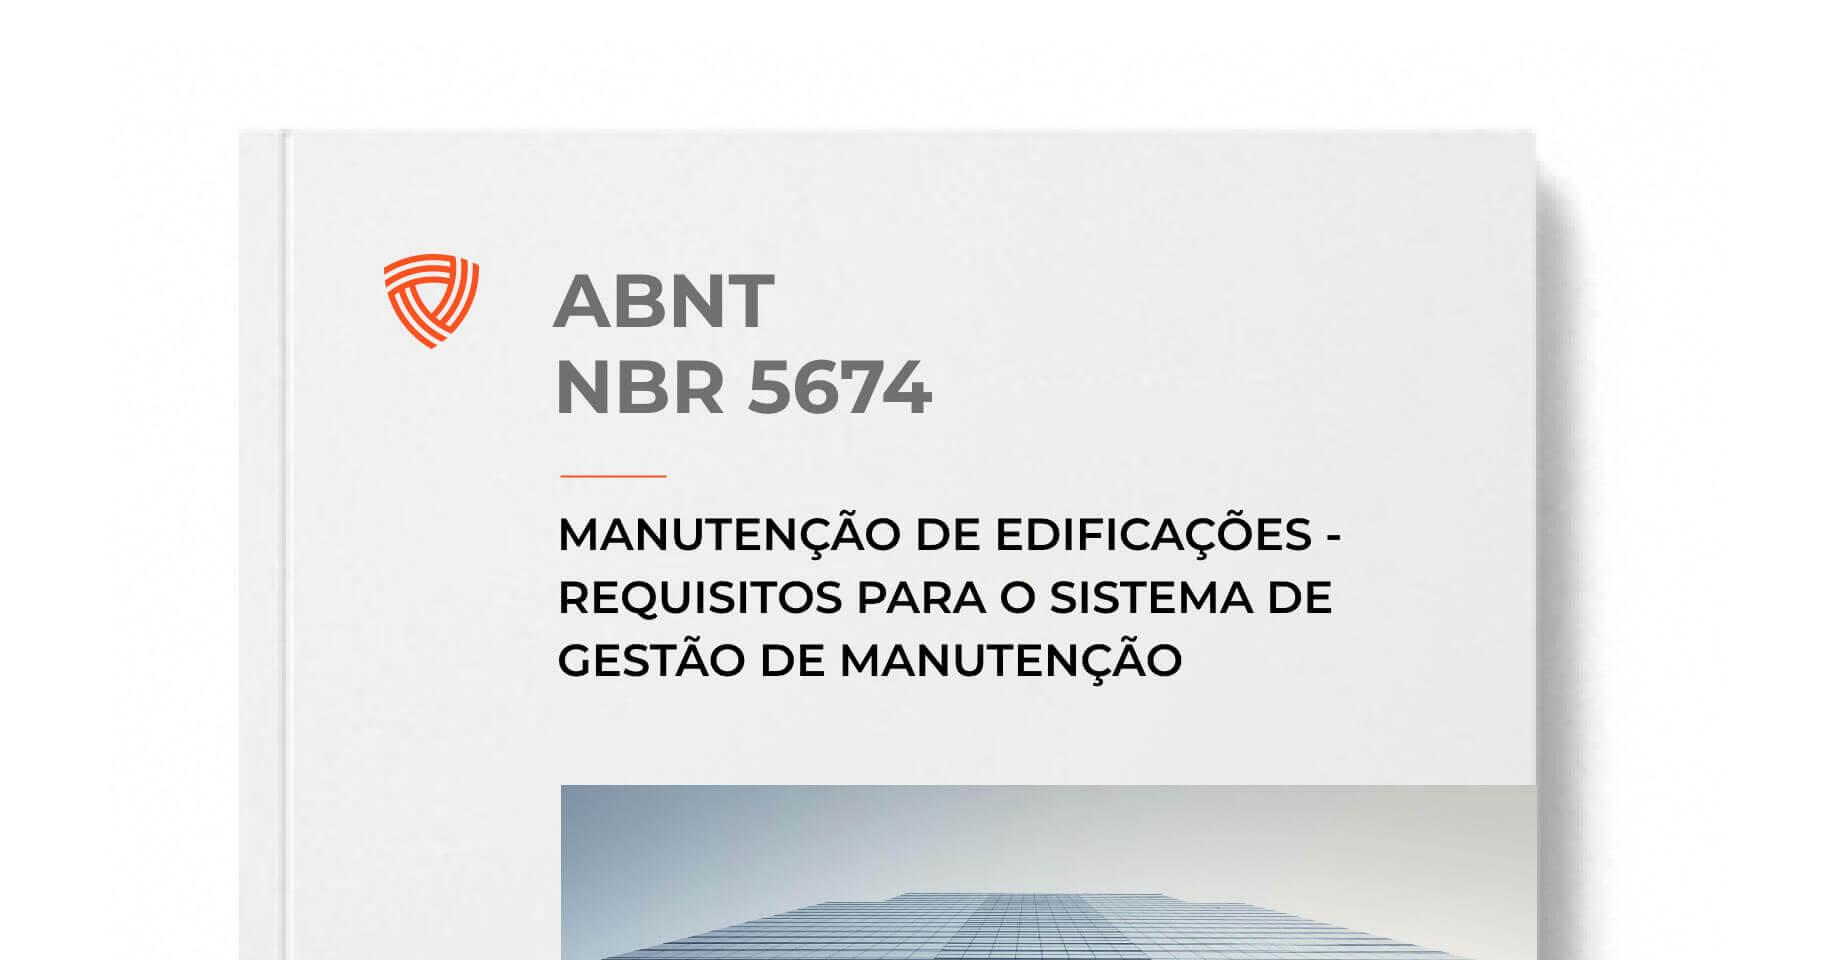 ABNT NBR 5674 - Manutenção de Edificações - Requisitos Para o Sistema de Gestão de Manutenção